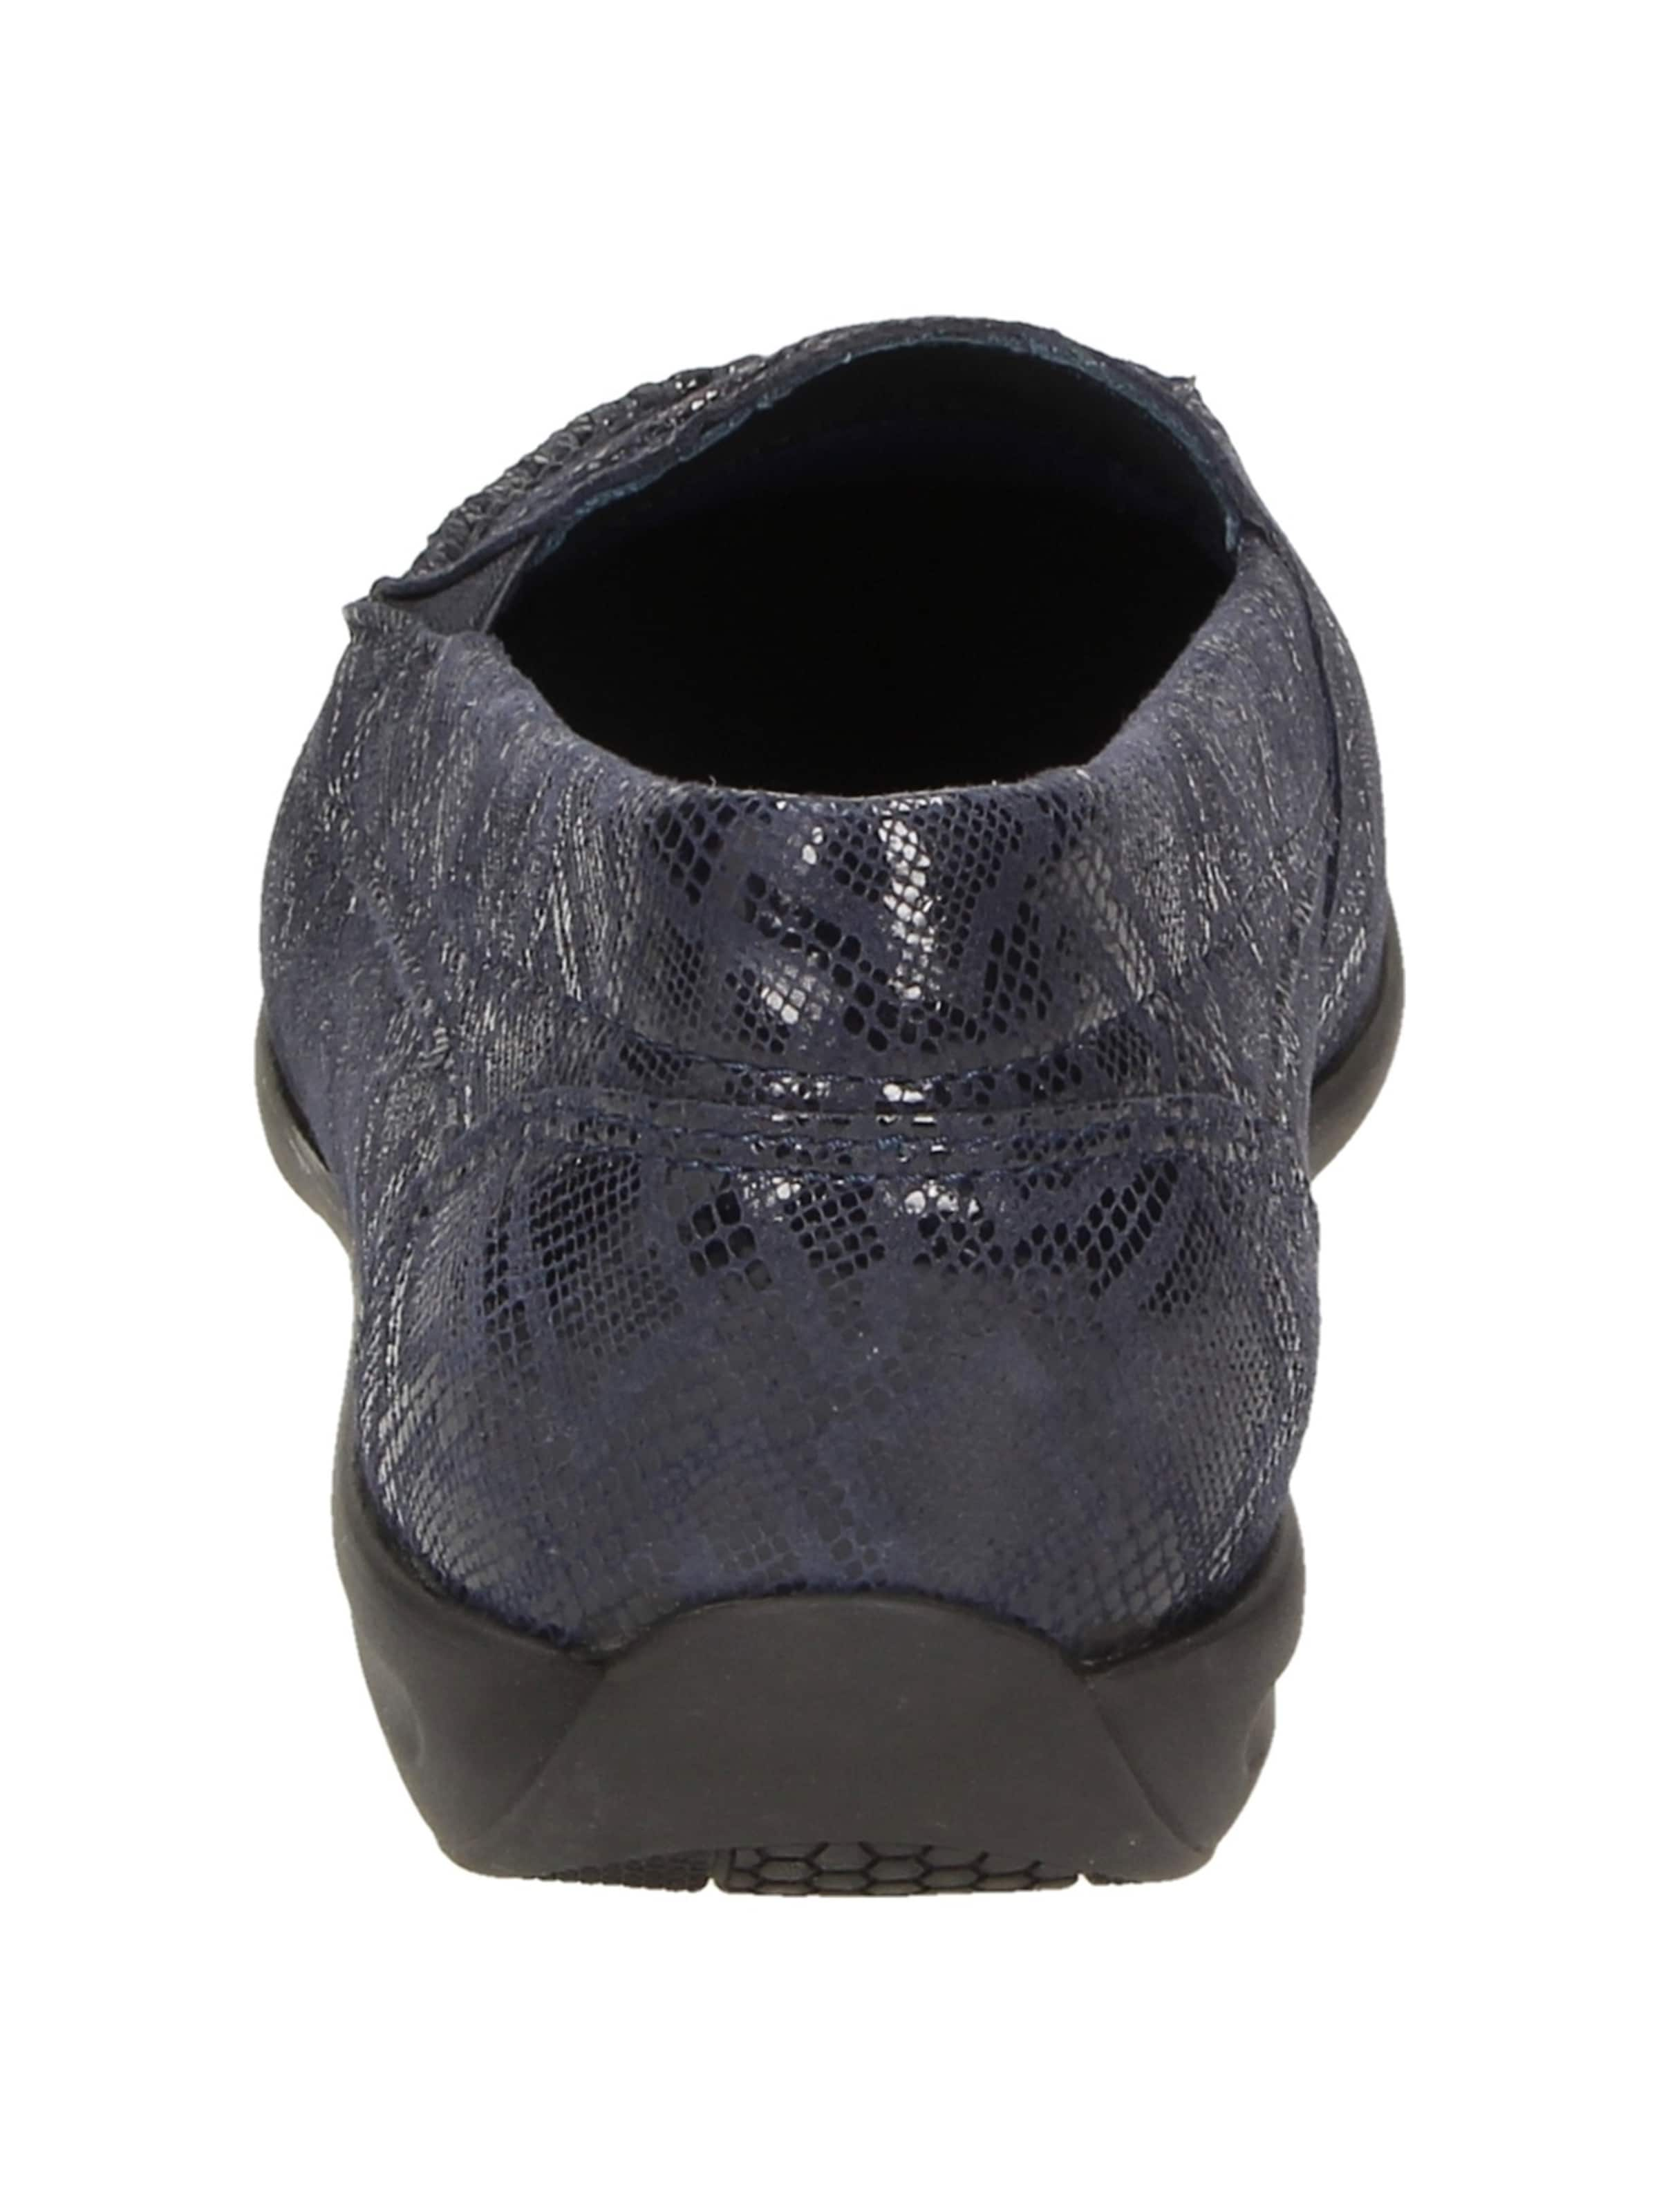 SIOUX SIOUX SIOUX Slipper 'Babs-161 Leder Verkaufen Sie saisonale Aktionen 93d6d4